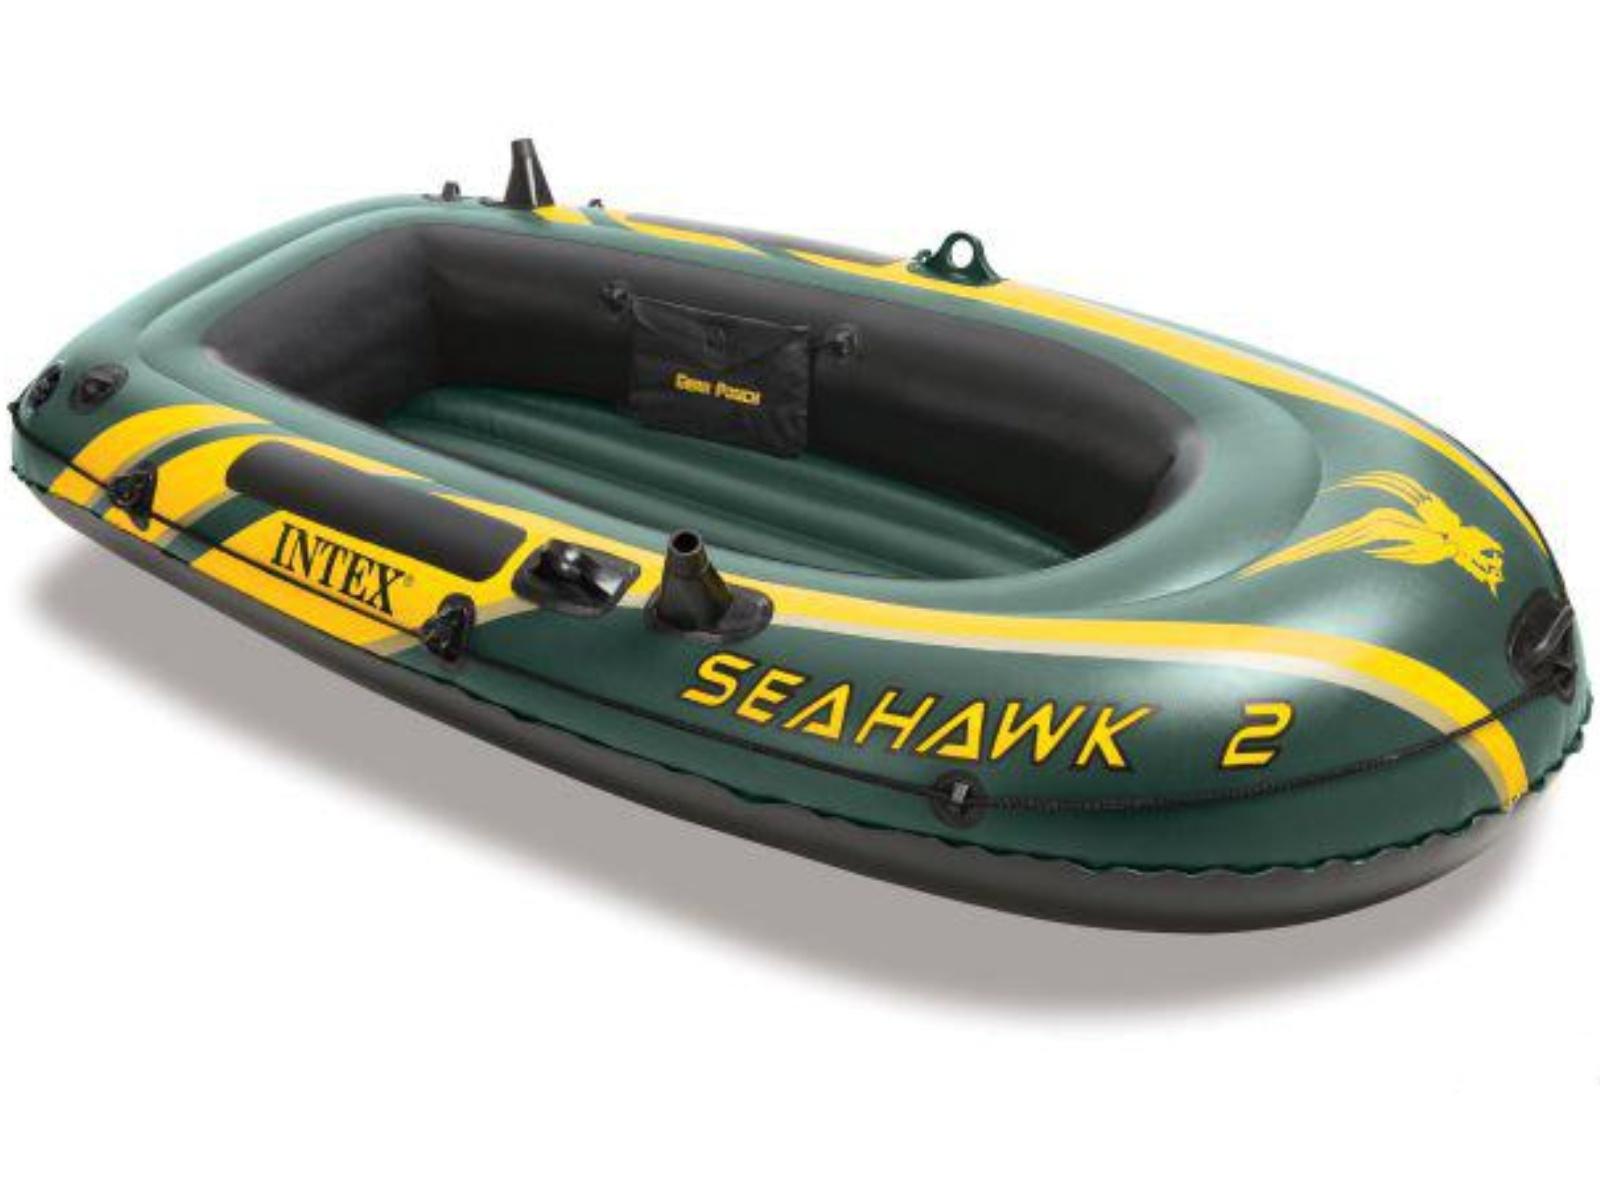 Nafukovací člun INTEX Seahawk 2